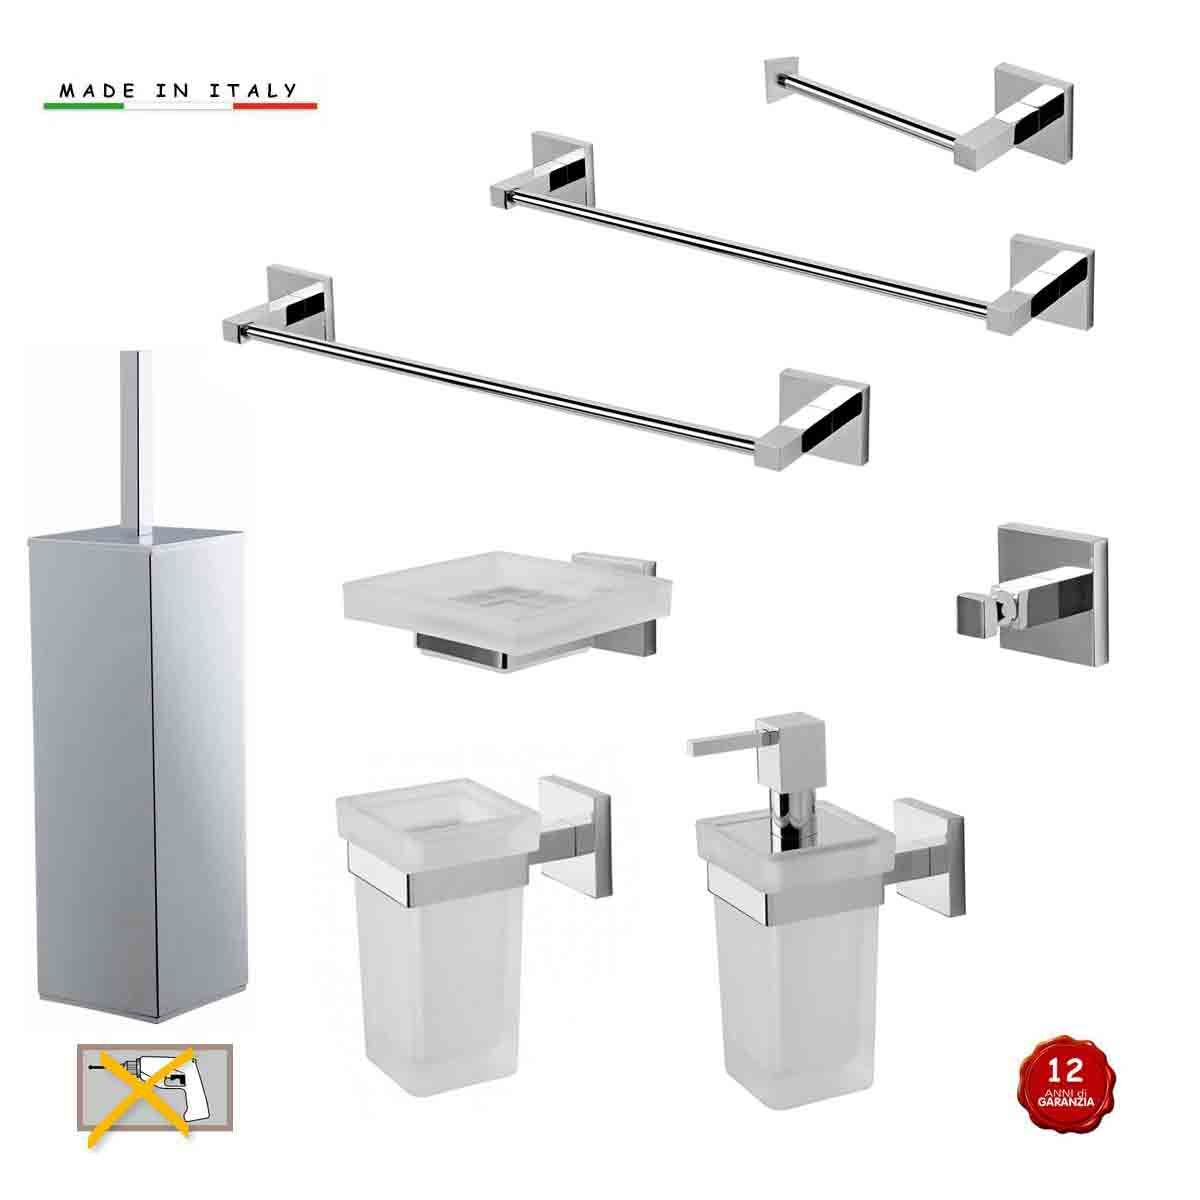 Kit accessori bagno serie gea 8 pezzi lineag for Kit accessori bagno